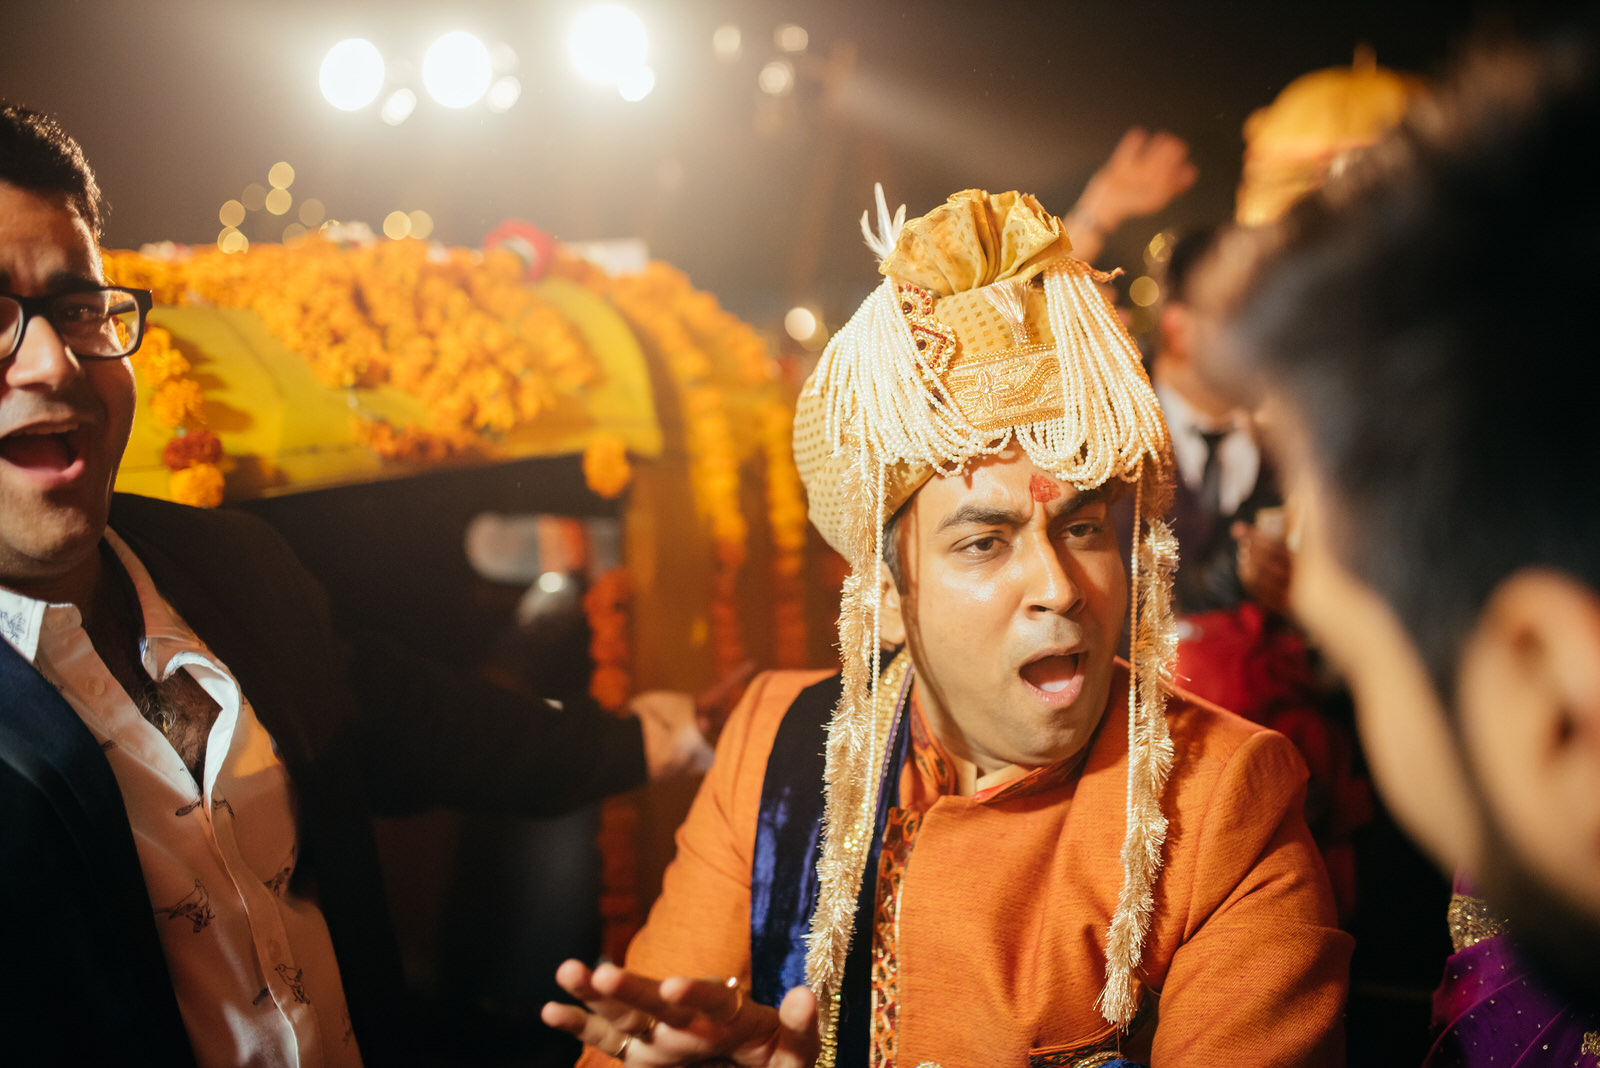 Hindu Night Wedding Day 2 - Camera 1-169.jpg